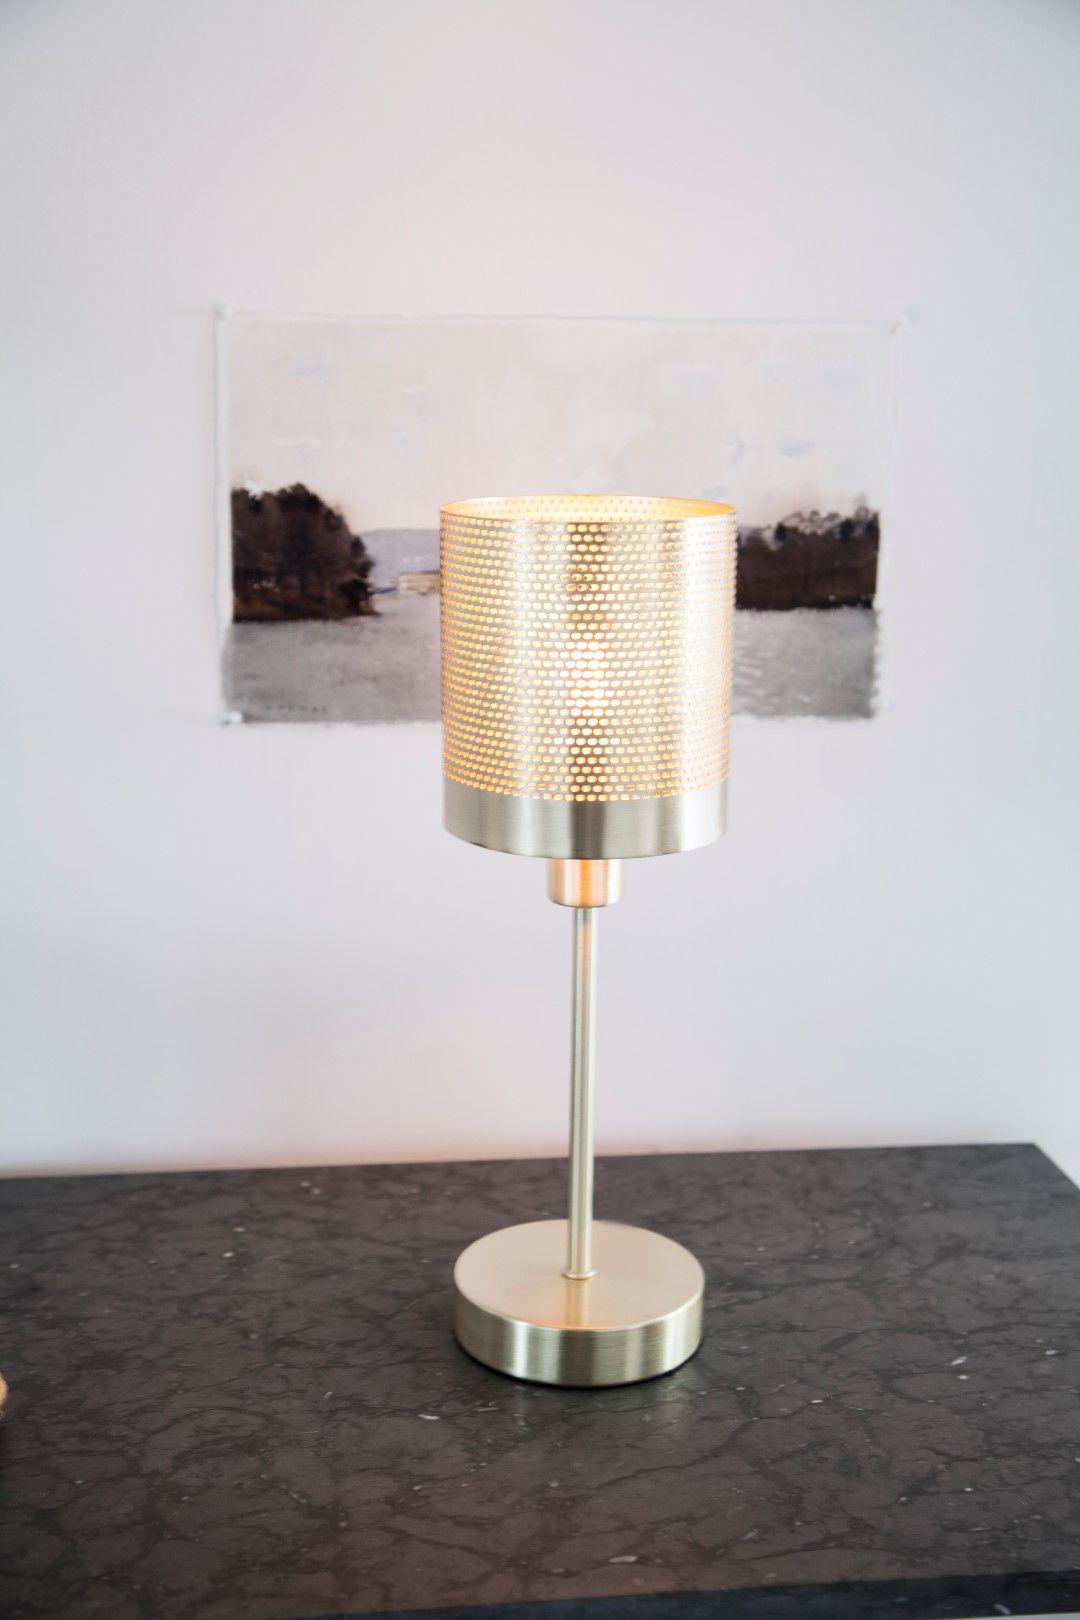 Brass metal table lamp Driva  #sessakdesign #sessaklighting #sessak #lighting #sisustus #valaisin #new #newin #pöytävalaisin #interior #inredning #interior #Vintage #Modern